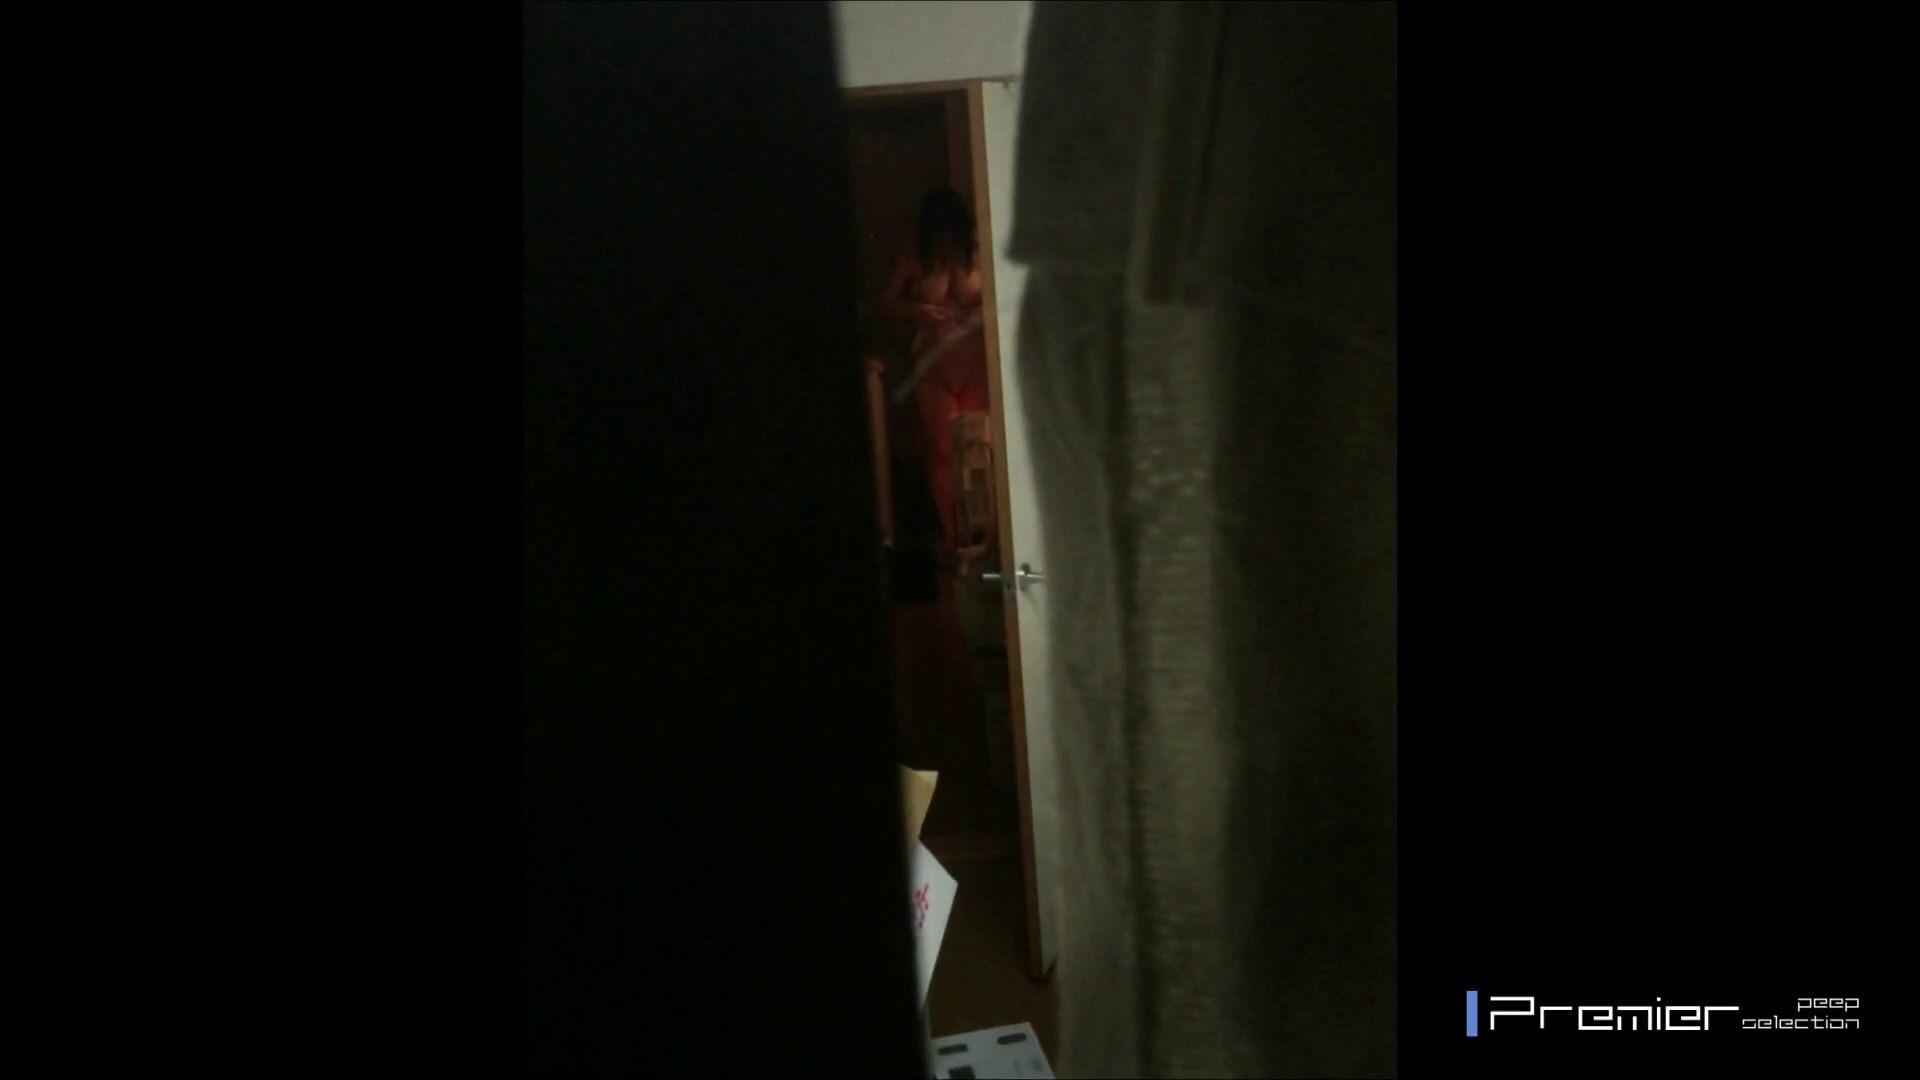 マニア必見!ポチャ達のカーニバル美女達の私生活に潜入! Hな美女 盗み撮り動画 112pic 99